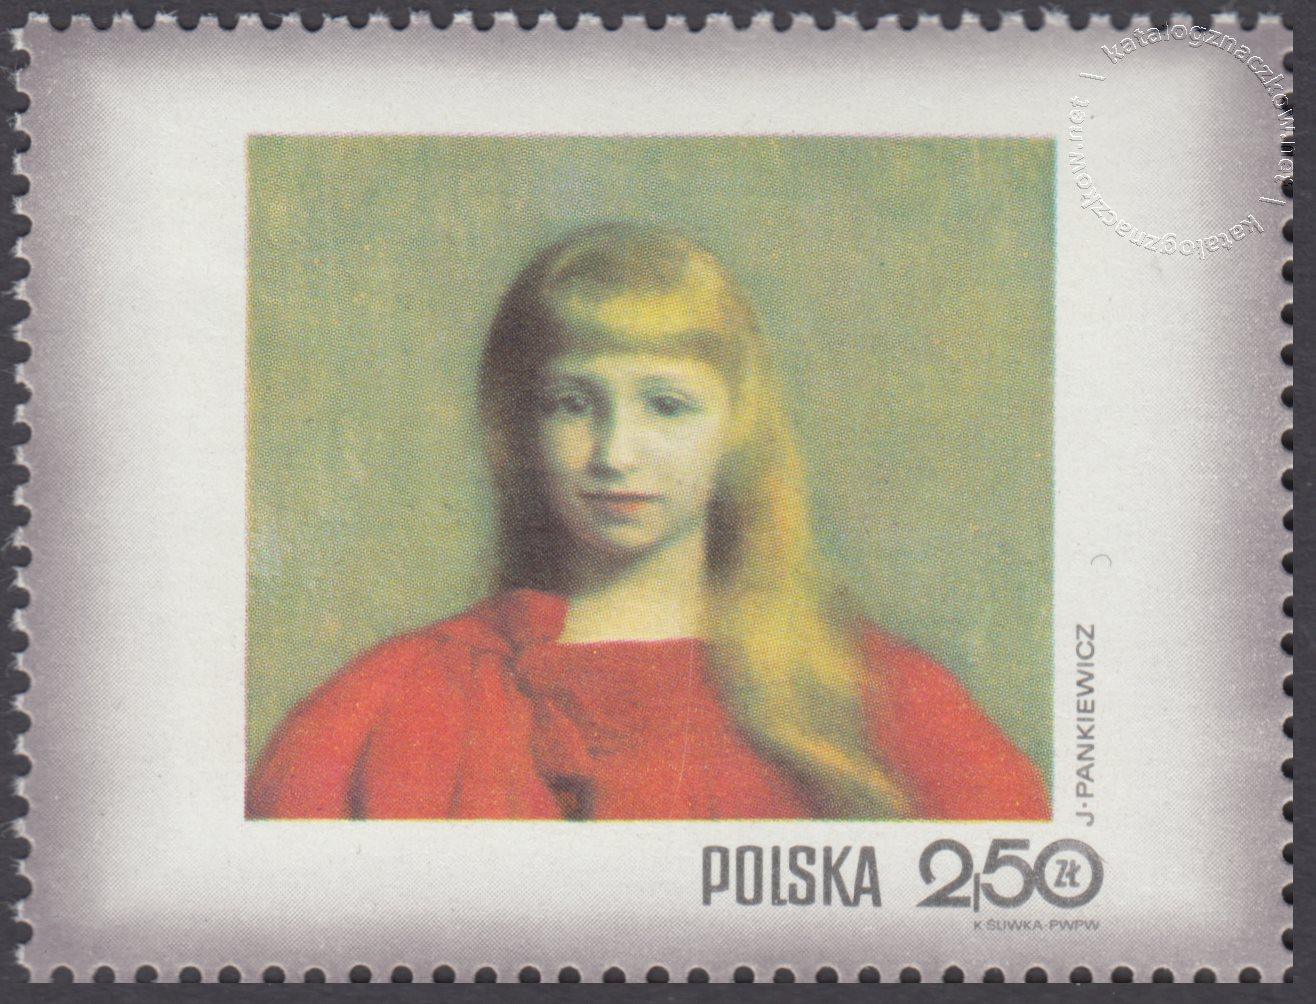 Dzień Znaczka – kobieta w malarstwie polskim znaczek nr 1966